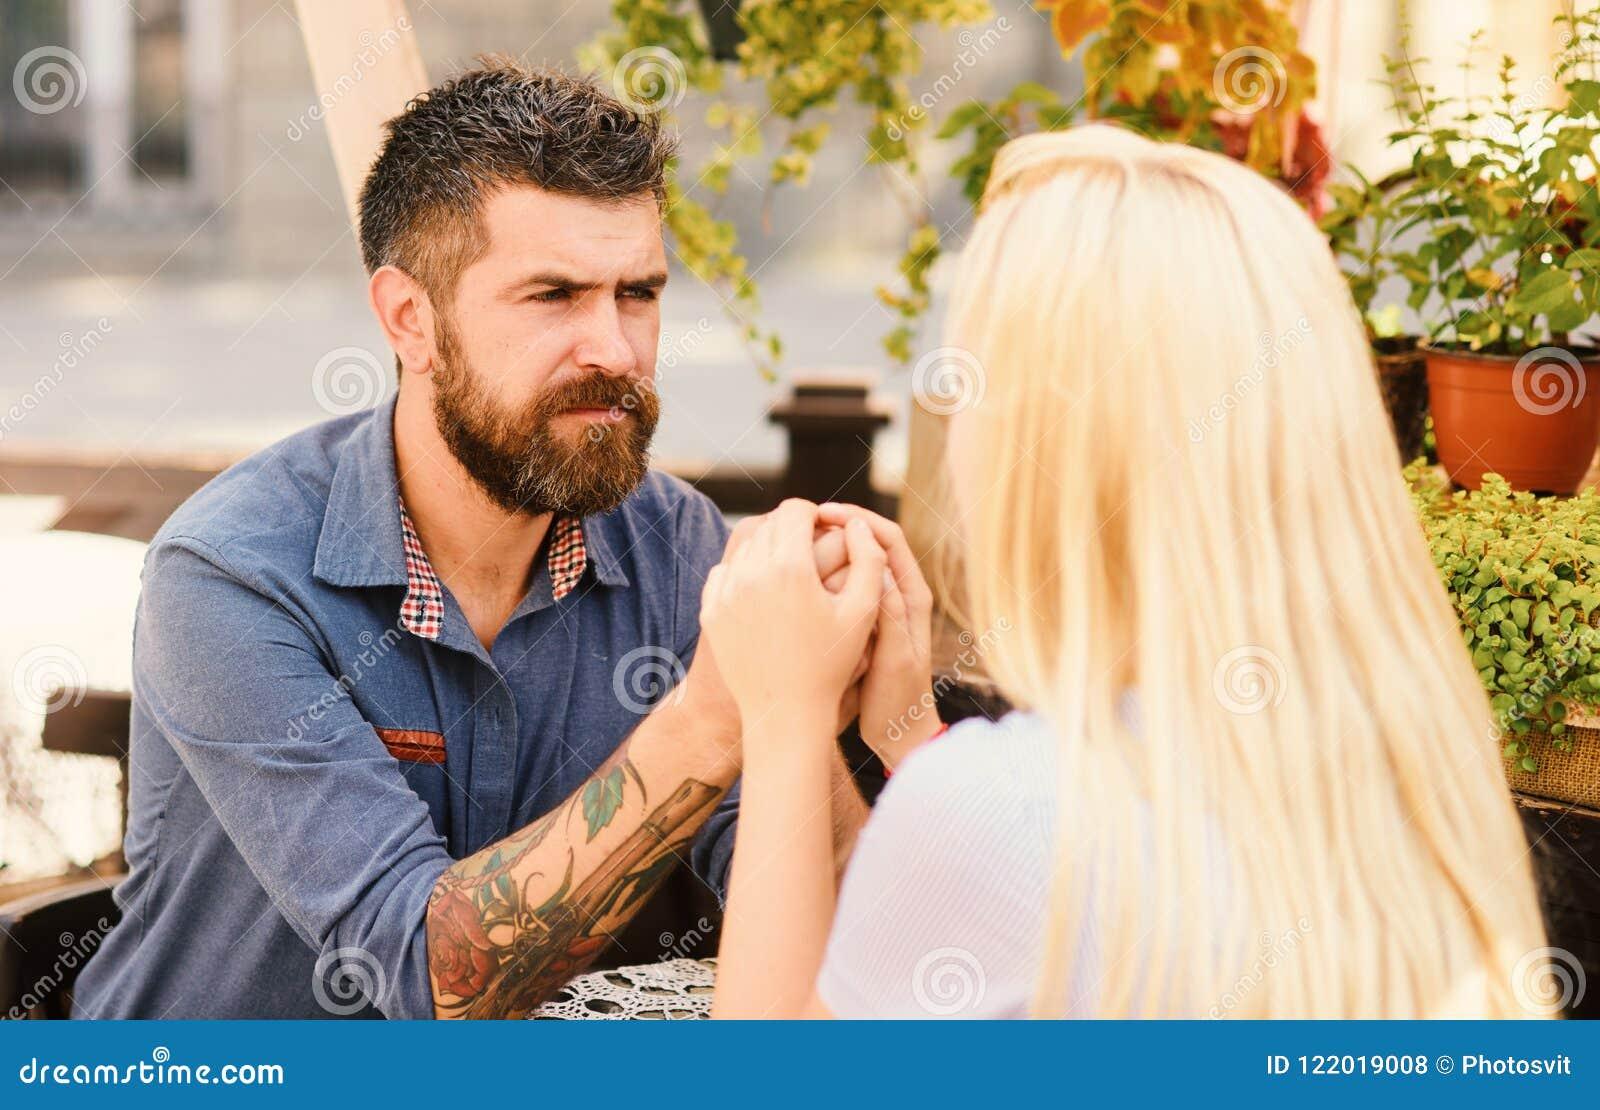 dating serious man